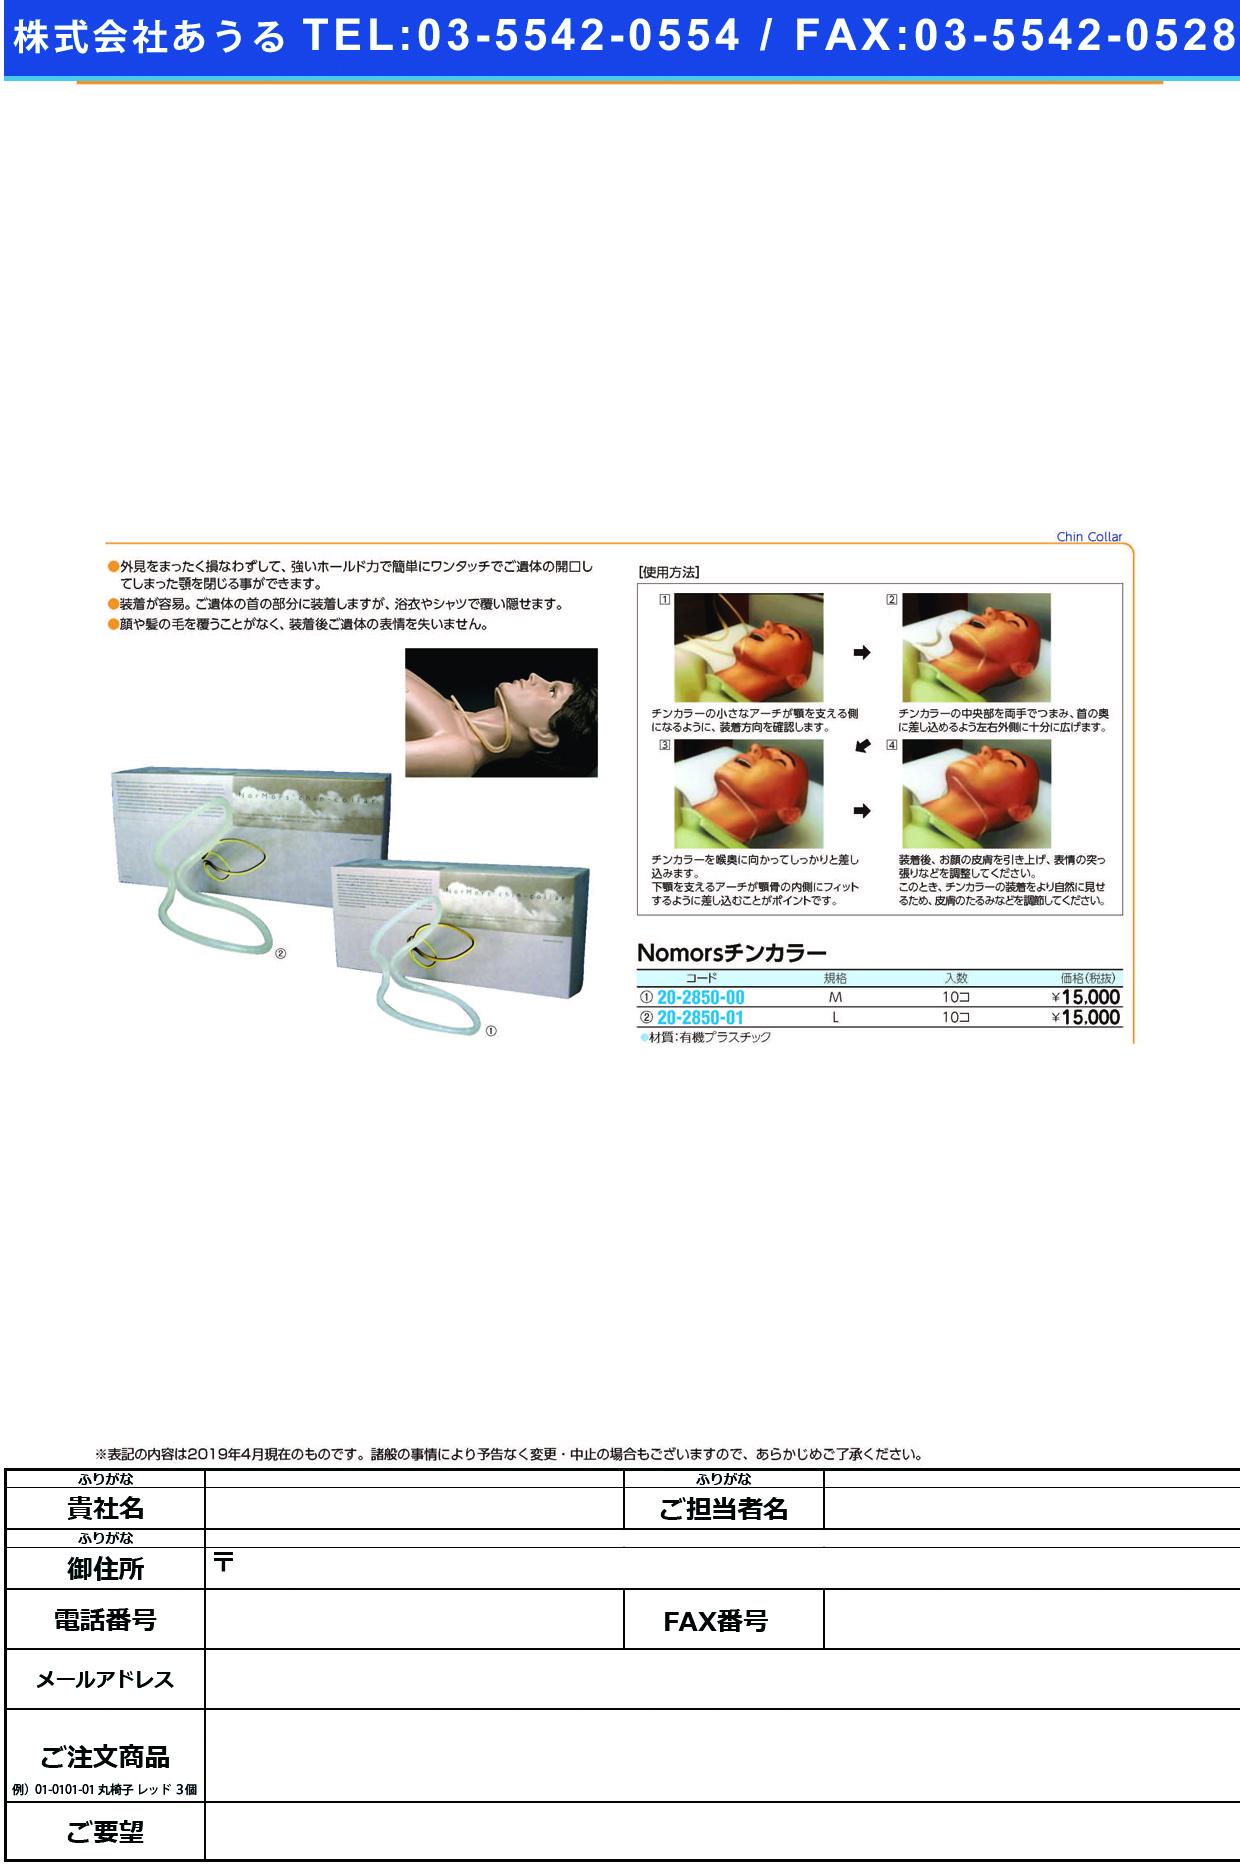 (20-2850-01)Normorsチンカラー Lサイズ(10イリ) NORMORSチンカラー【1箱単位】【2019年カタログ商品】